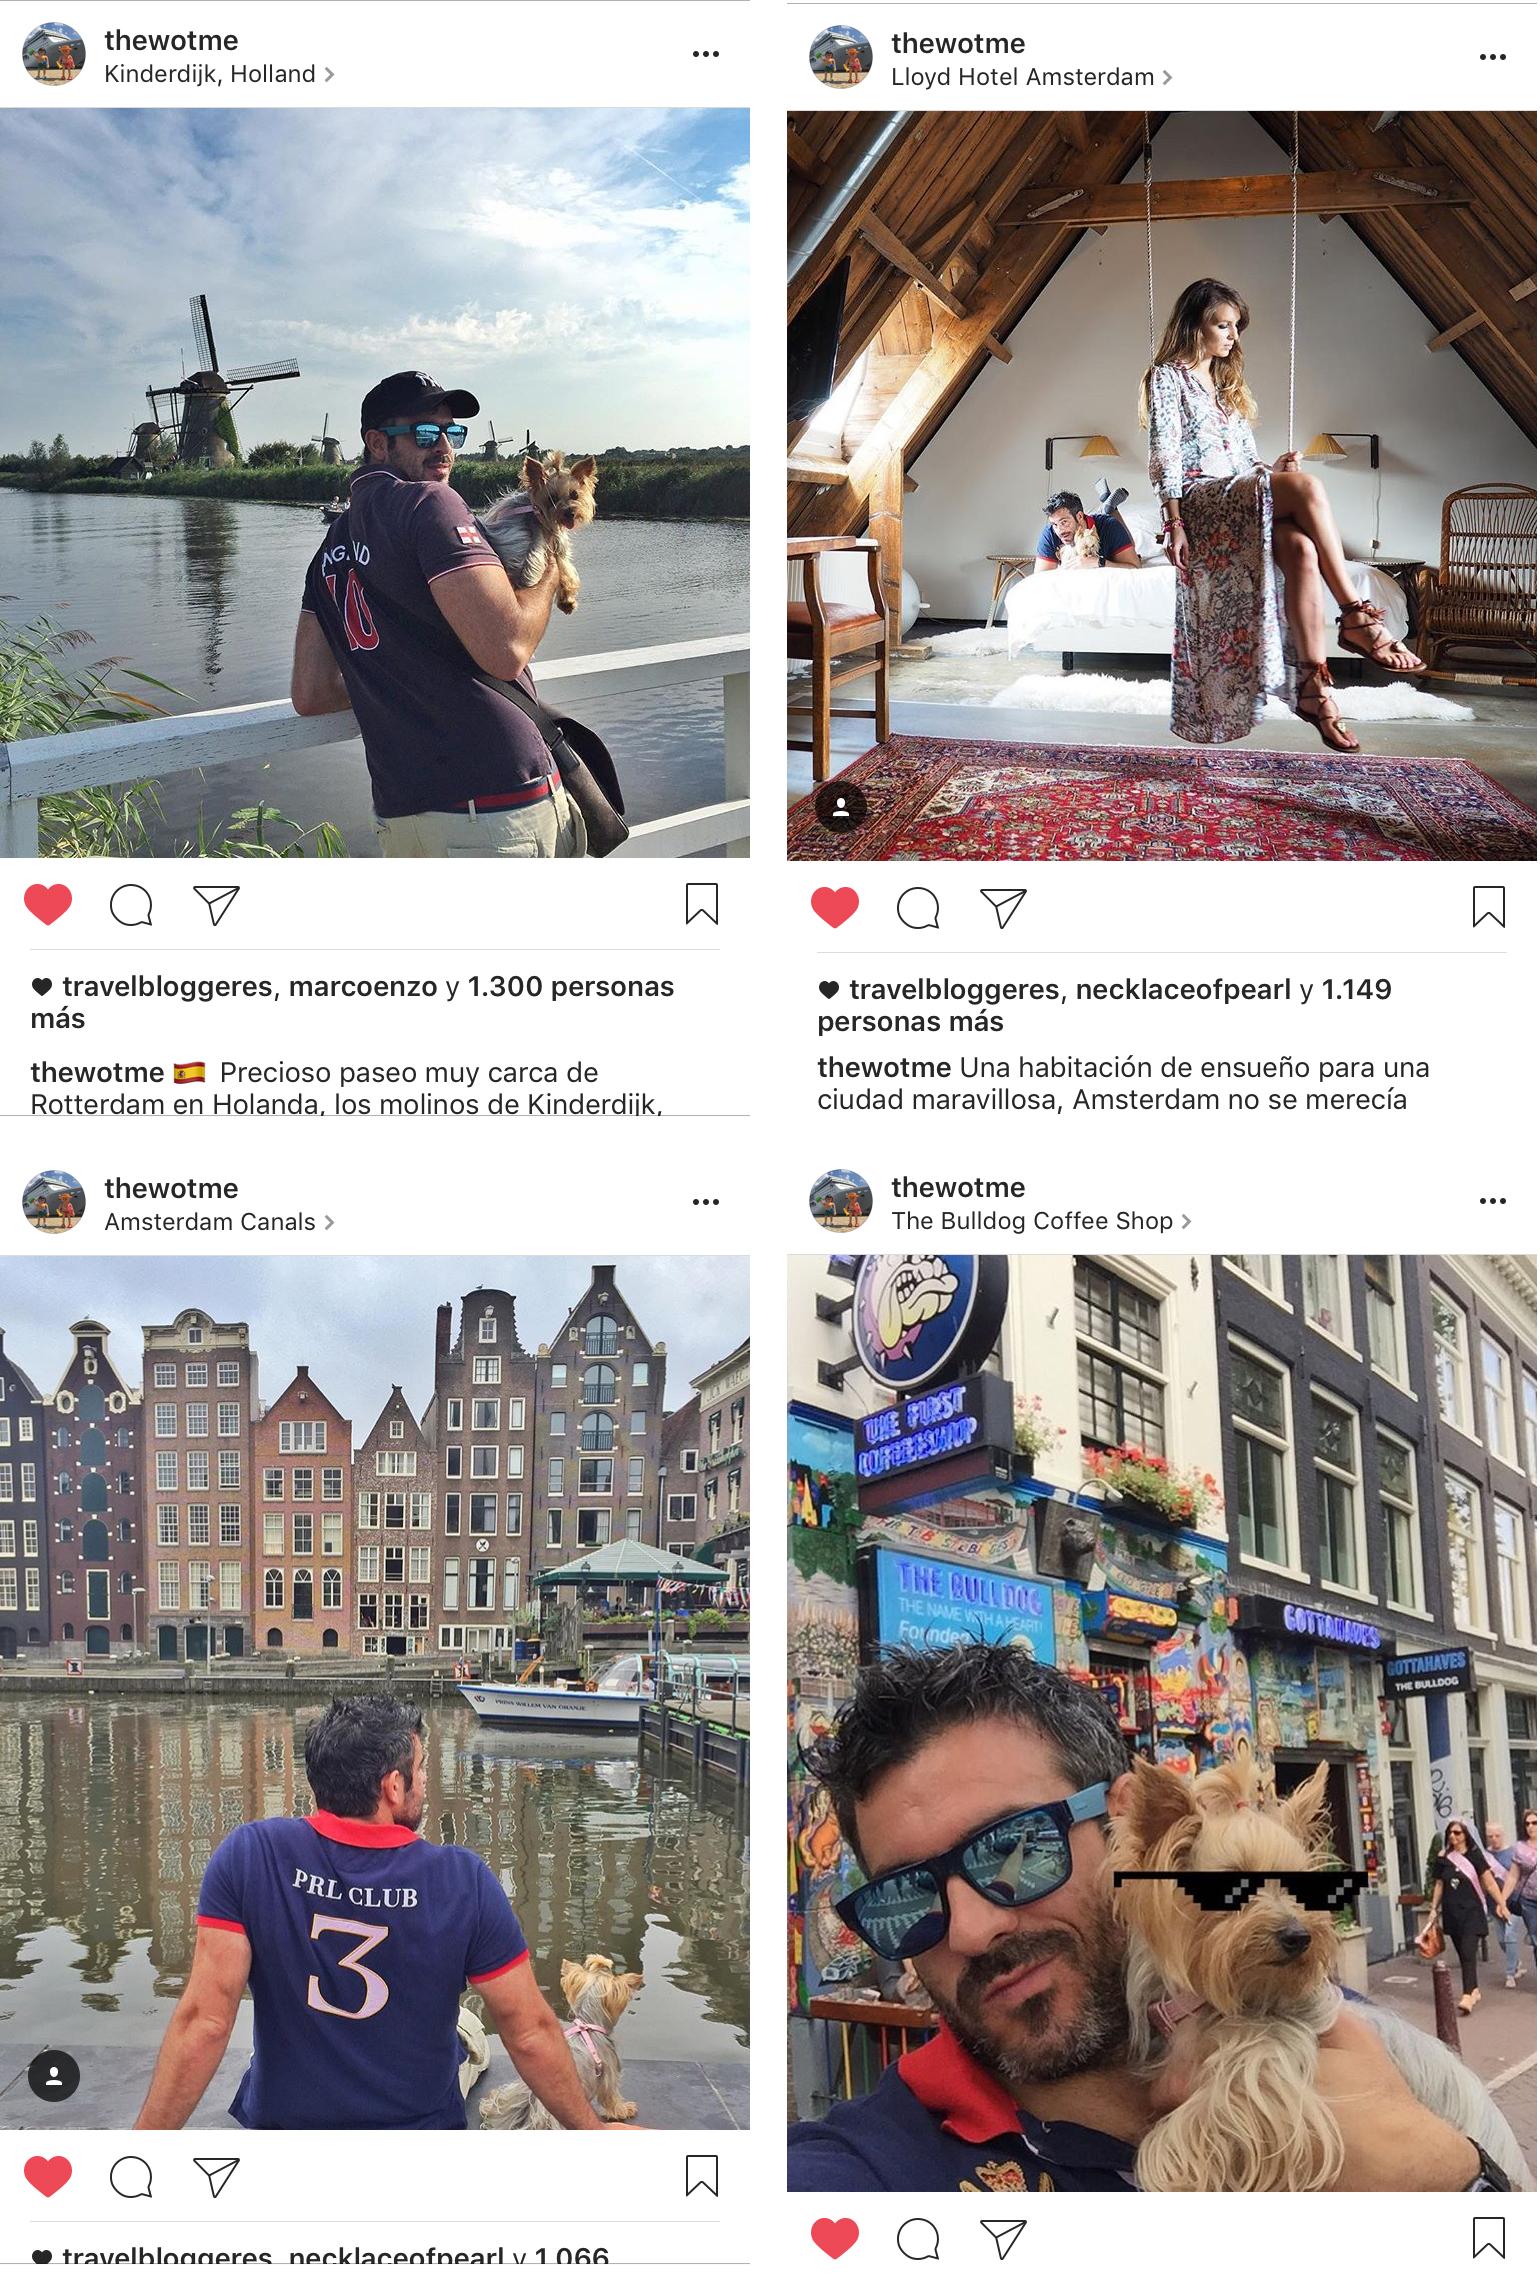 Viajes a Holanda memoria de viajes 2016: el año del mar - 32002132015 8c7cc70db5 o - Memoria de Viajes 2016: el año del Mar